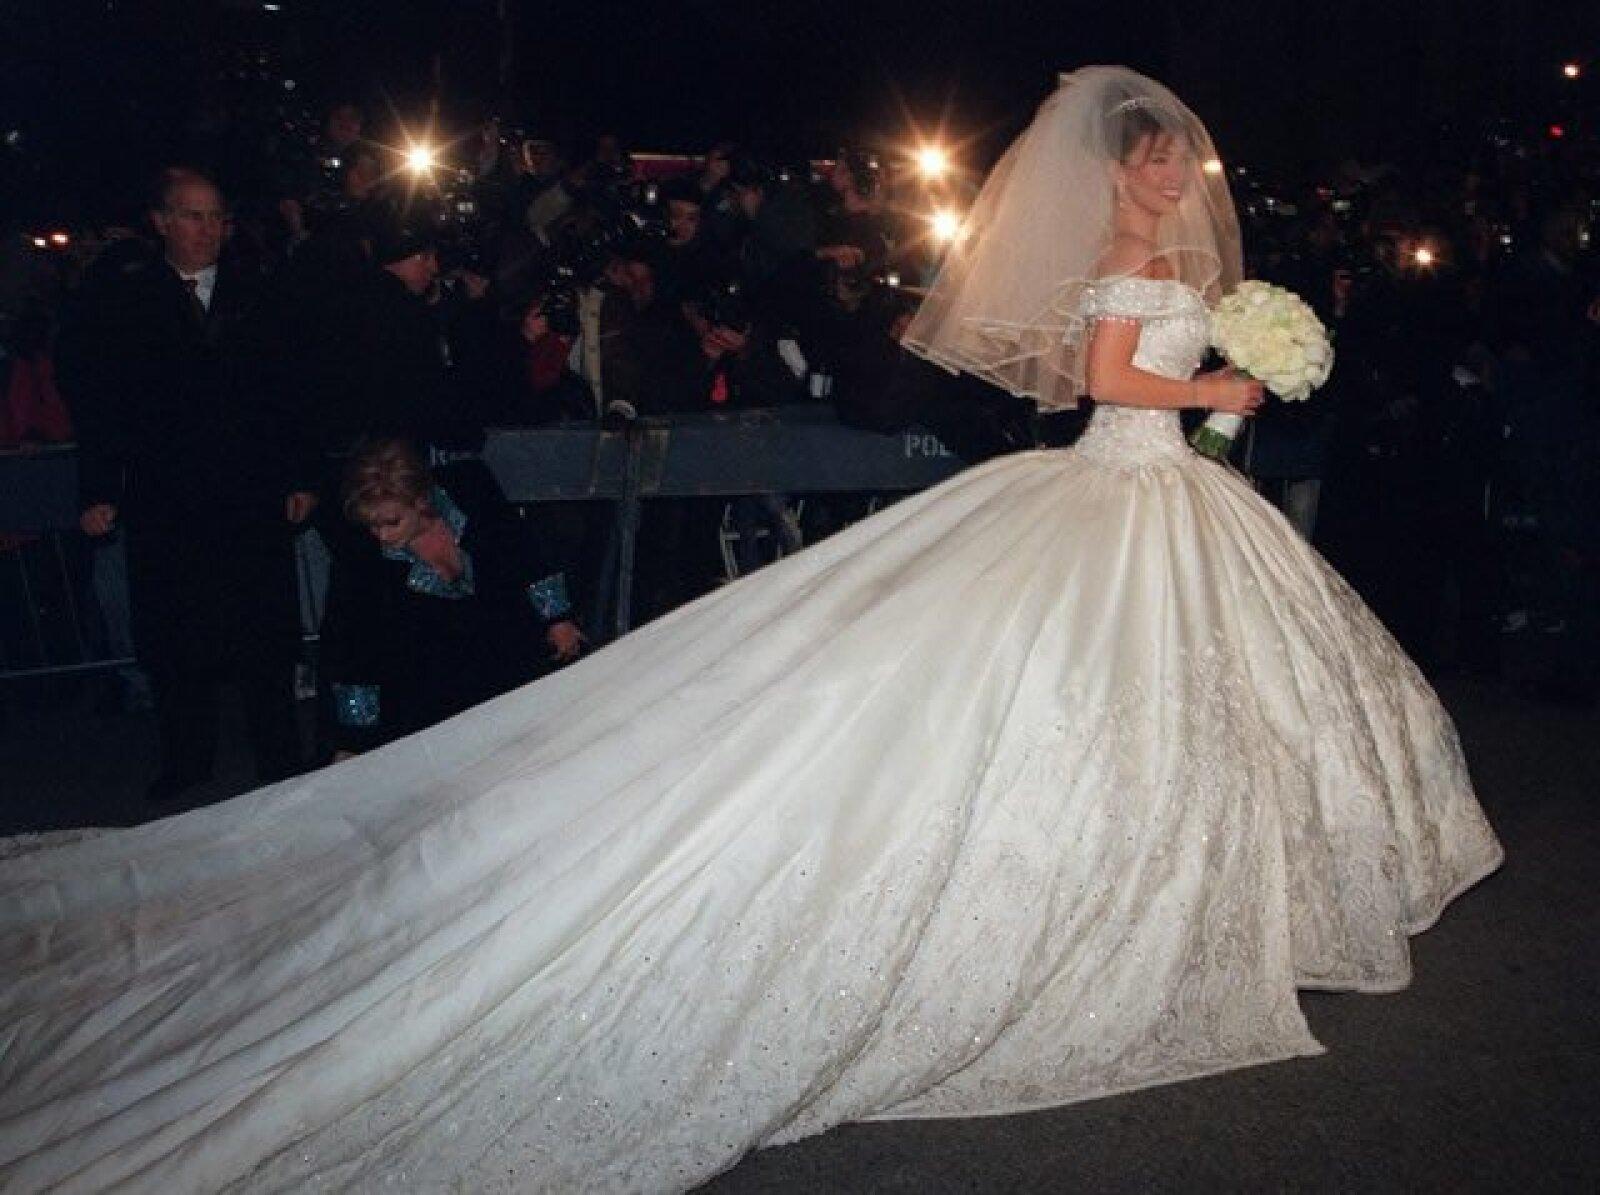 El vestido fue diseñado por Mitzy y está valuado en más de 300 mil dólares. La crinolina estaba hecha con 200 metros de tul y la extensión de la cauda era impresionante, pues 10 kilos de chaquira fueron bordados a lo largo y ancho.